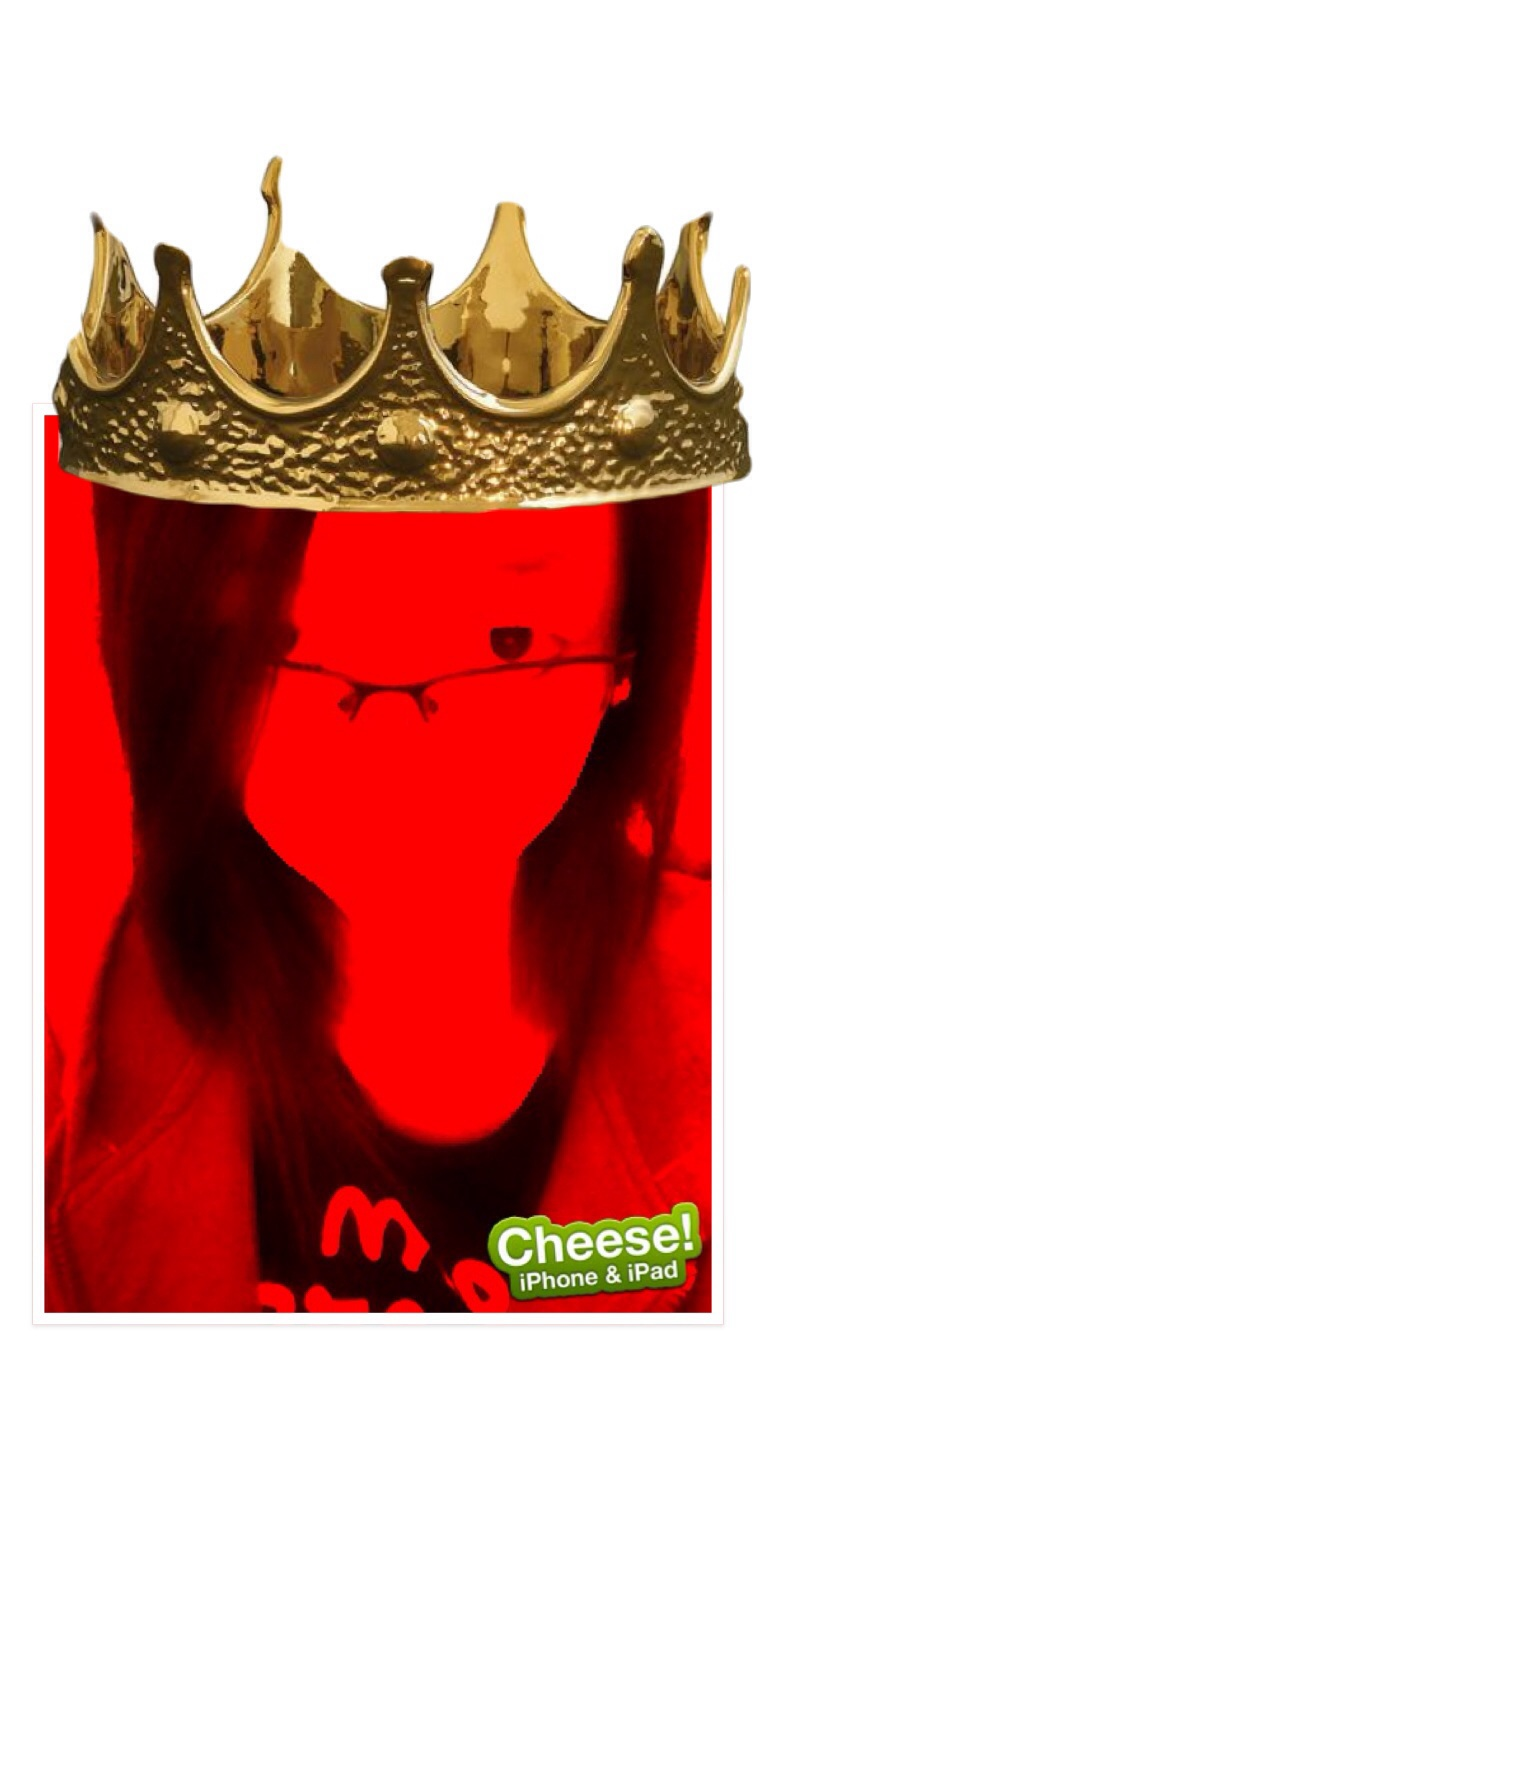 Me, the queen